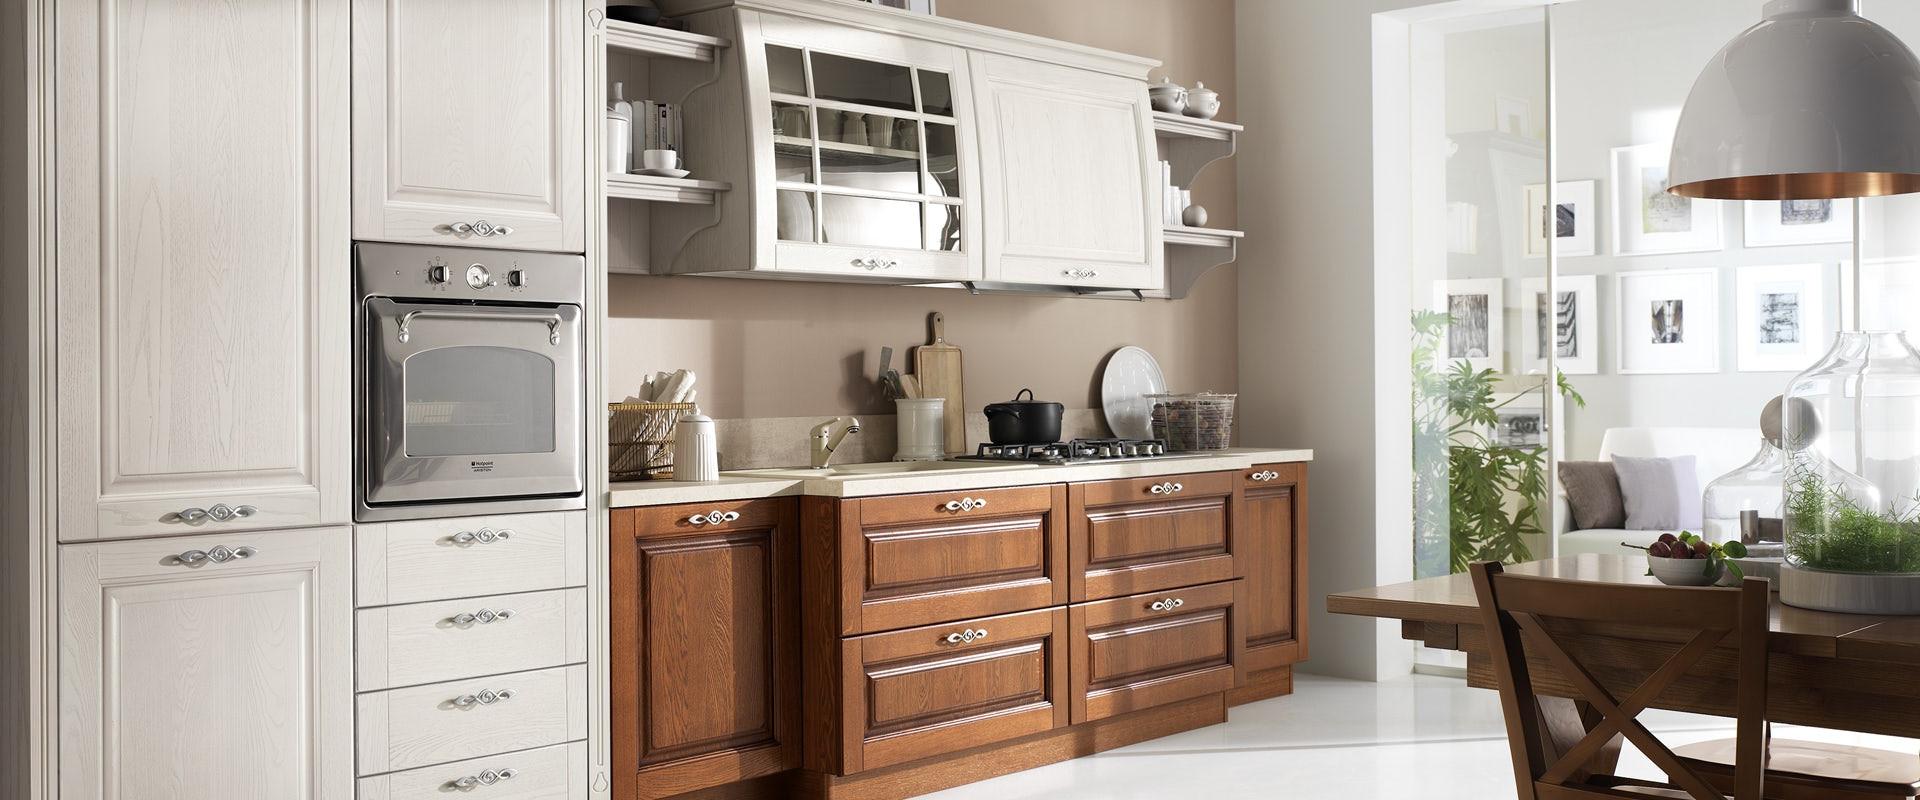 stosa-cucine-classiche-saturnia-217.jpg